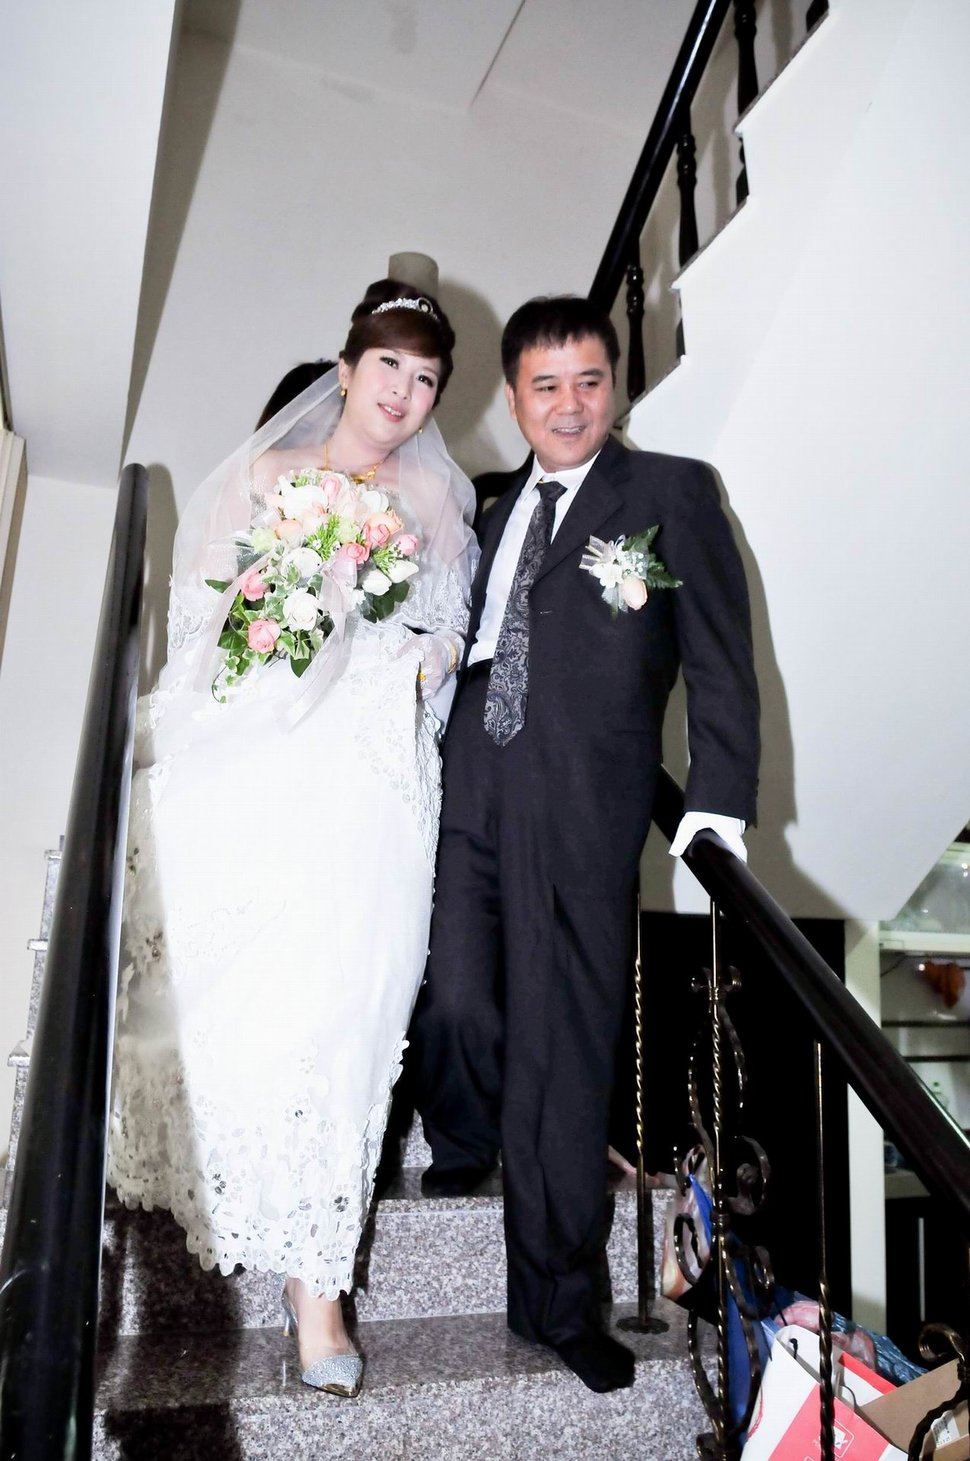 專業婚攝婚禮紀錄婚禮紀錄專業錄影婚禮錄影婚禮記錄動態微電影錄影專業錄影平面攝影婚攝婚禮主持人(編號:280429) - 蜜月拍照10800錄影12800攝影團隊 - 結婚吧